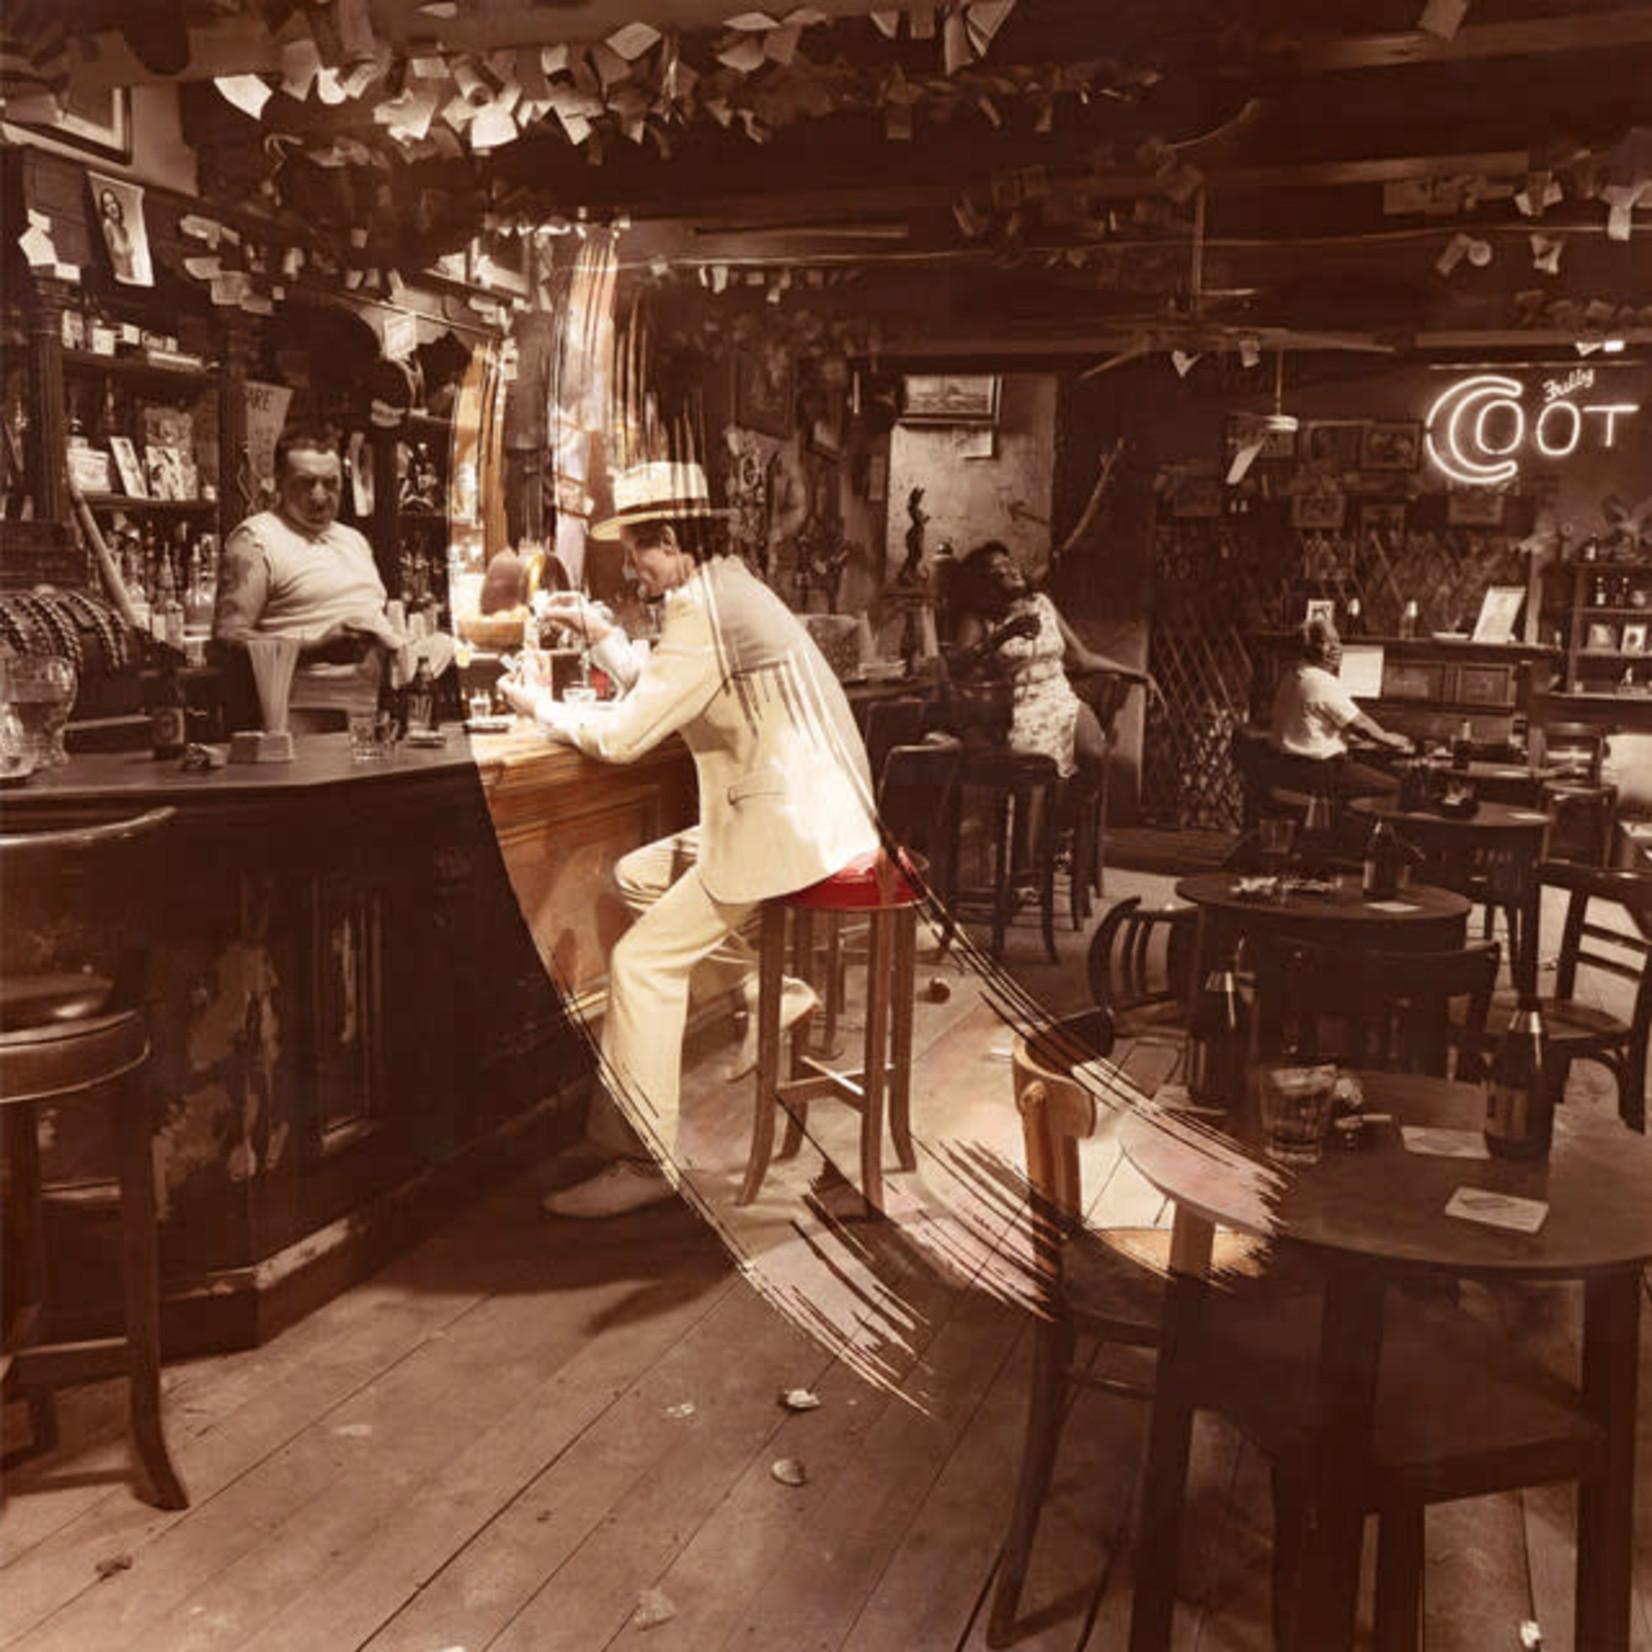 Vinyl Led Zeppelin - In Through The Out Door